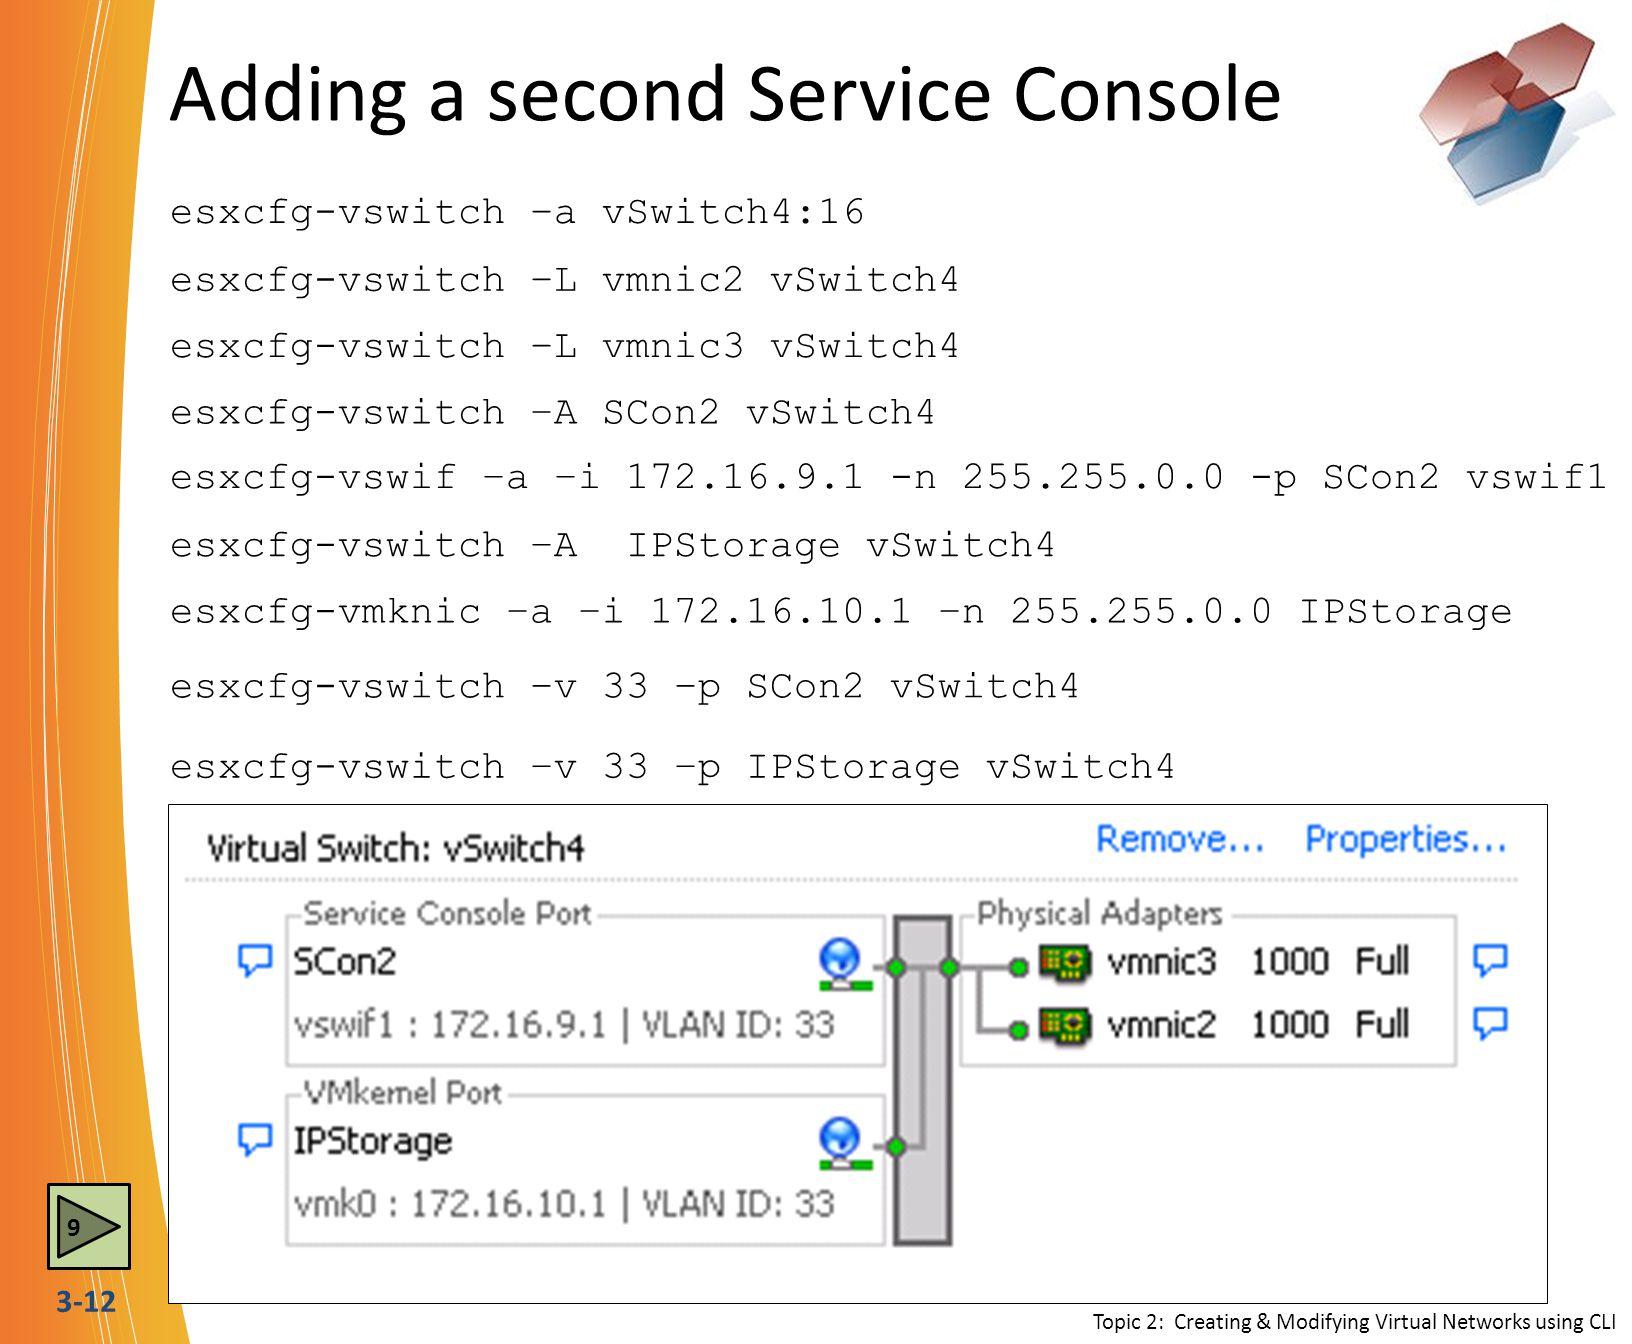 Adding a second Service Console